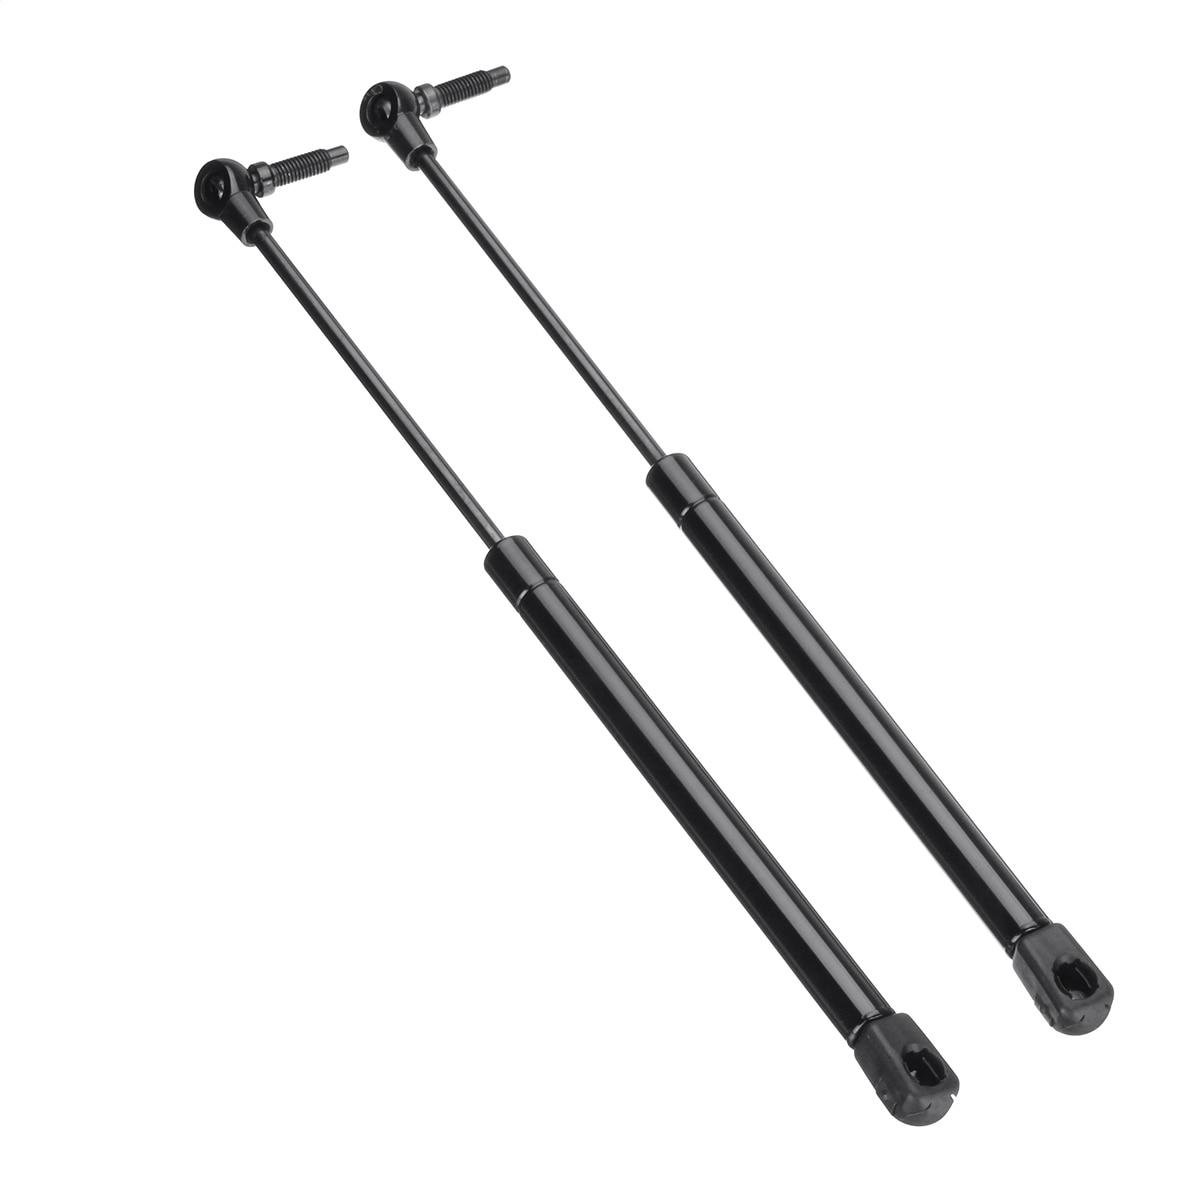 Car Rear Window Starter Gas Support Rod For Jeep Grand Cherokee Mki Wj Wg 1999-2004 55136761Aa 55136965AaCar Rear Window Starter Gas Support Rod For Jeep Grand Cherokee Mki Wj Wg 1999-2004 55136761Aa 55136965Aa